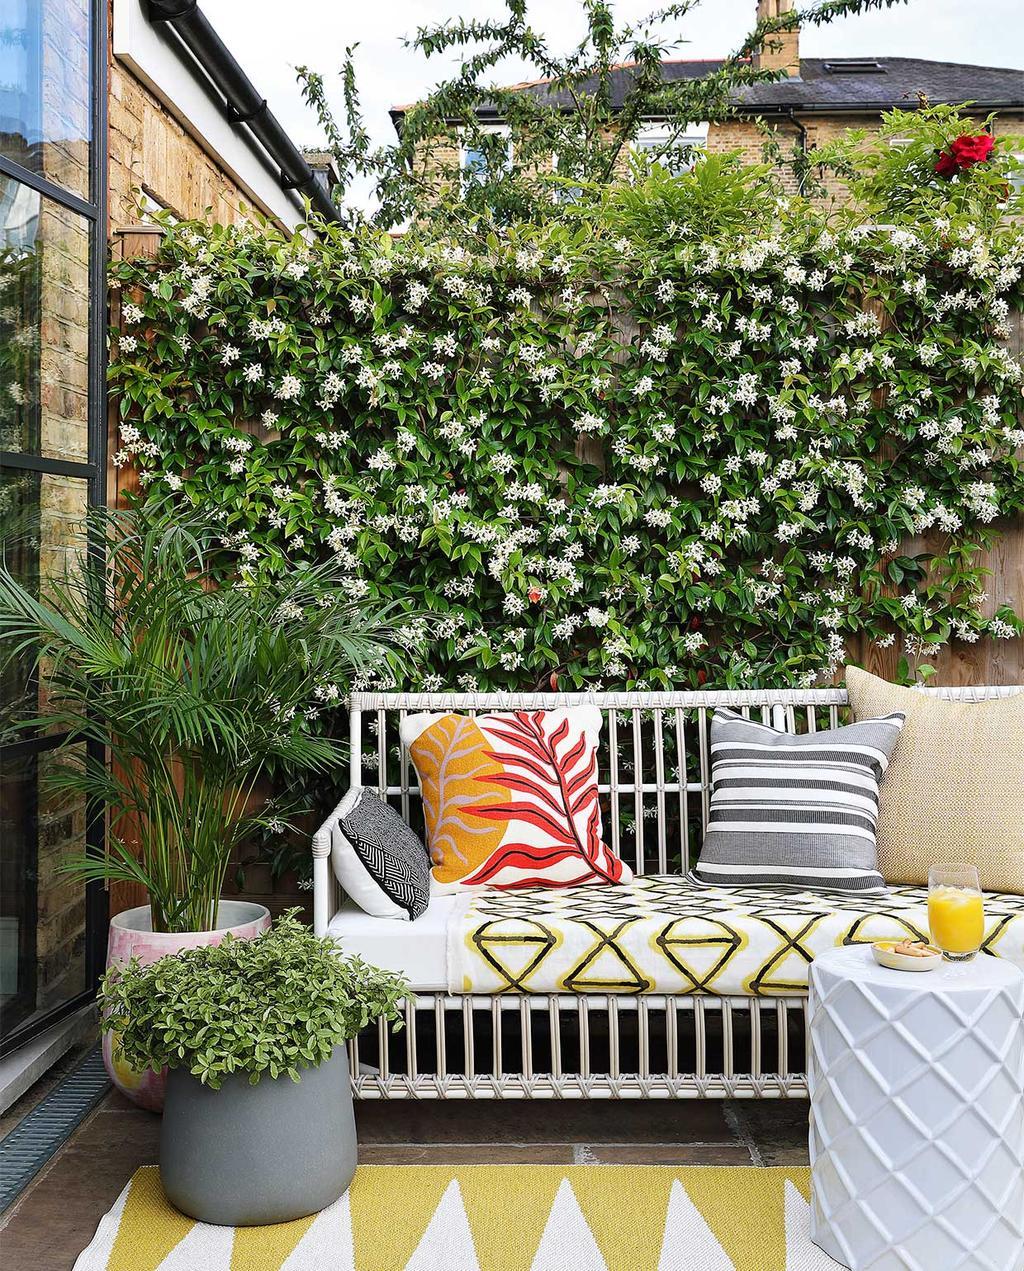 vtwonen casas especiais de verão 07-2021 |  banco de jardim com almofadas no jardim